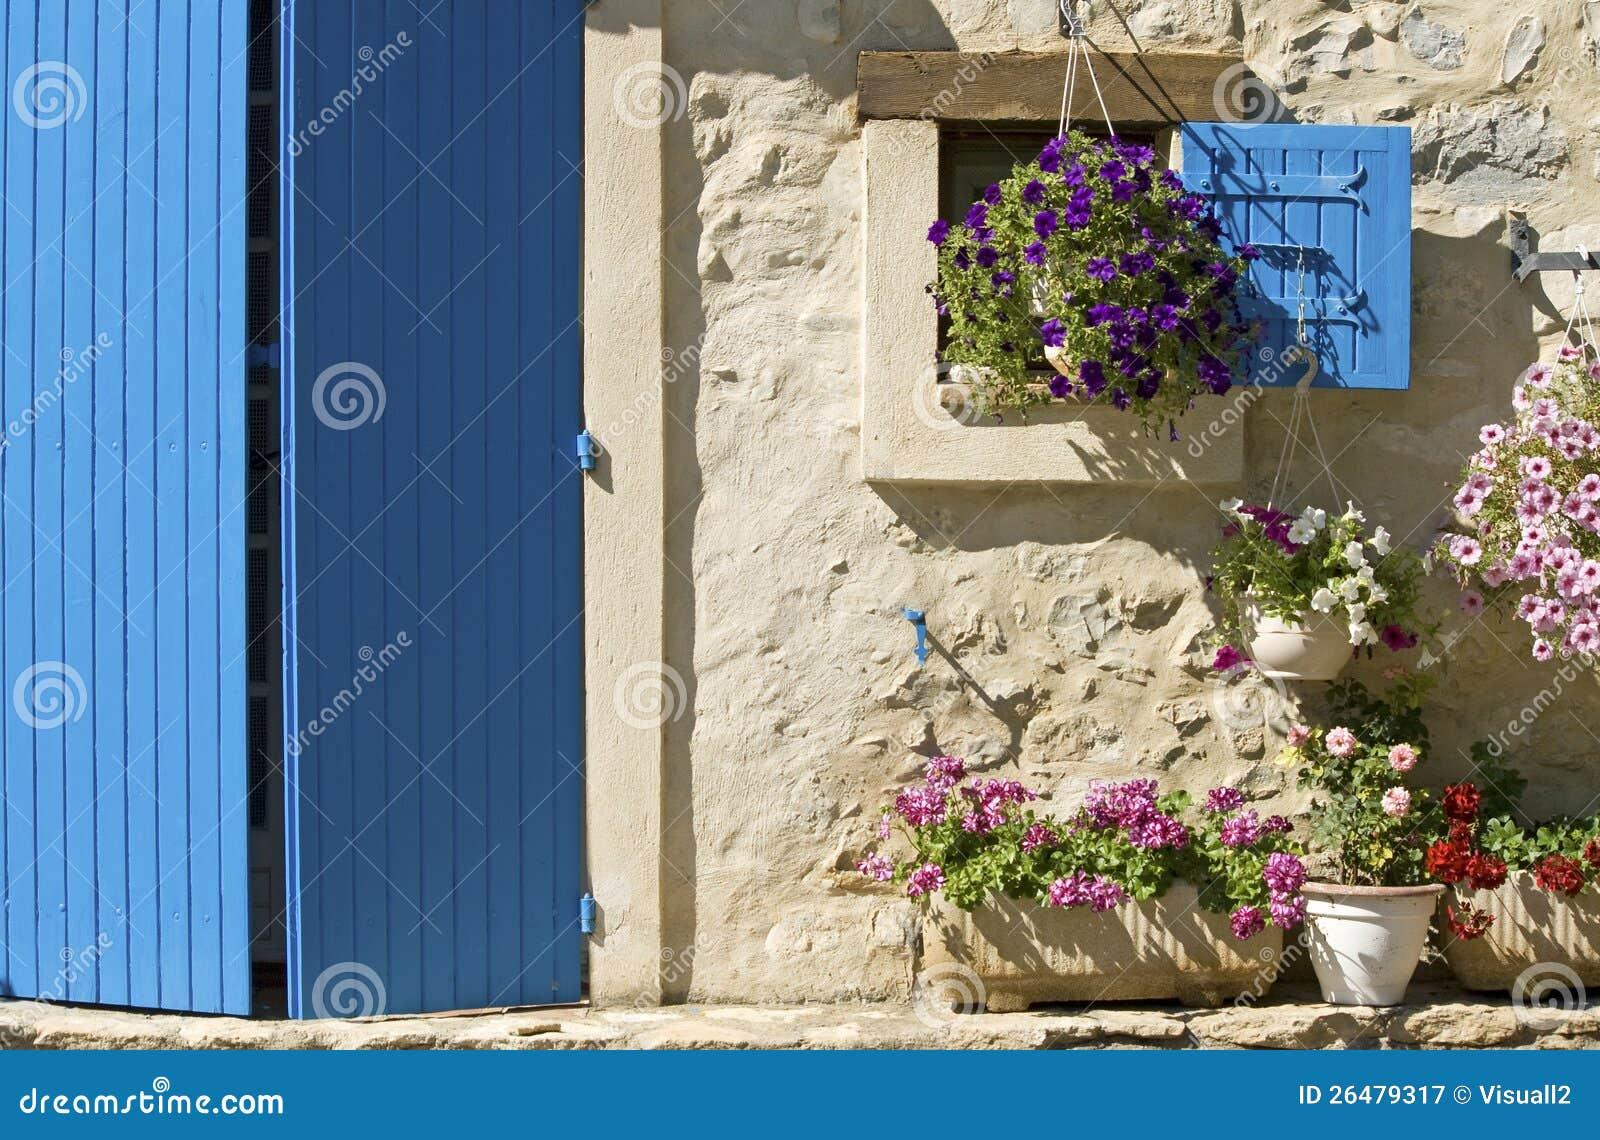 Chałupa, błękitny drzwi, żaluzja. Provence.